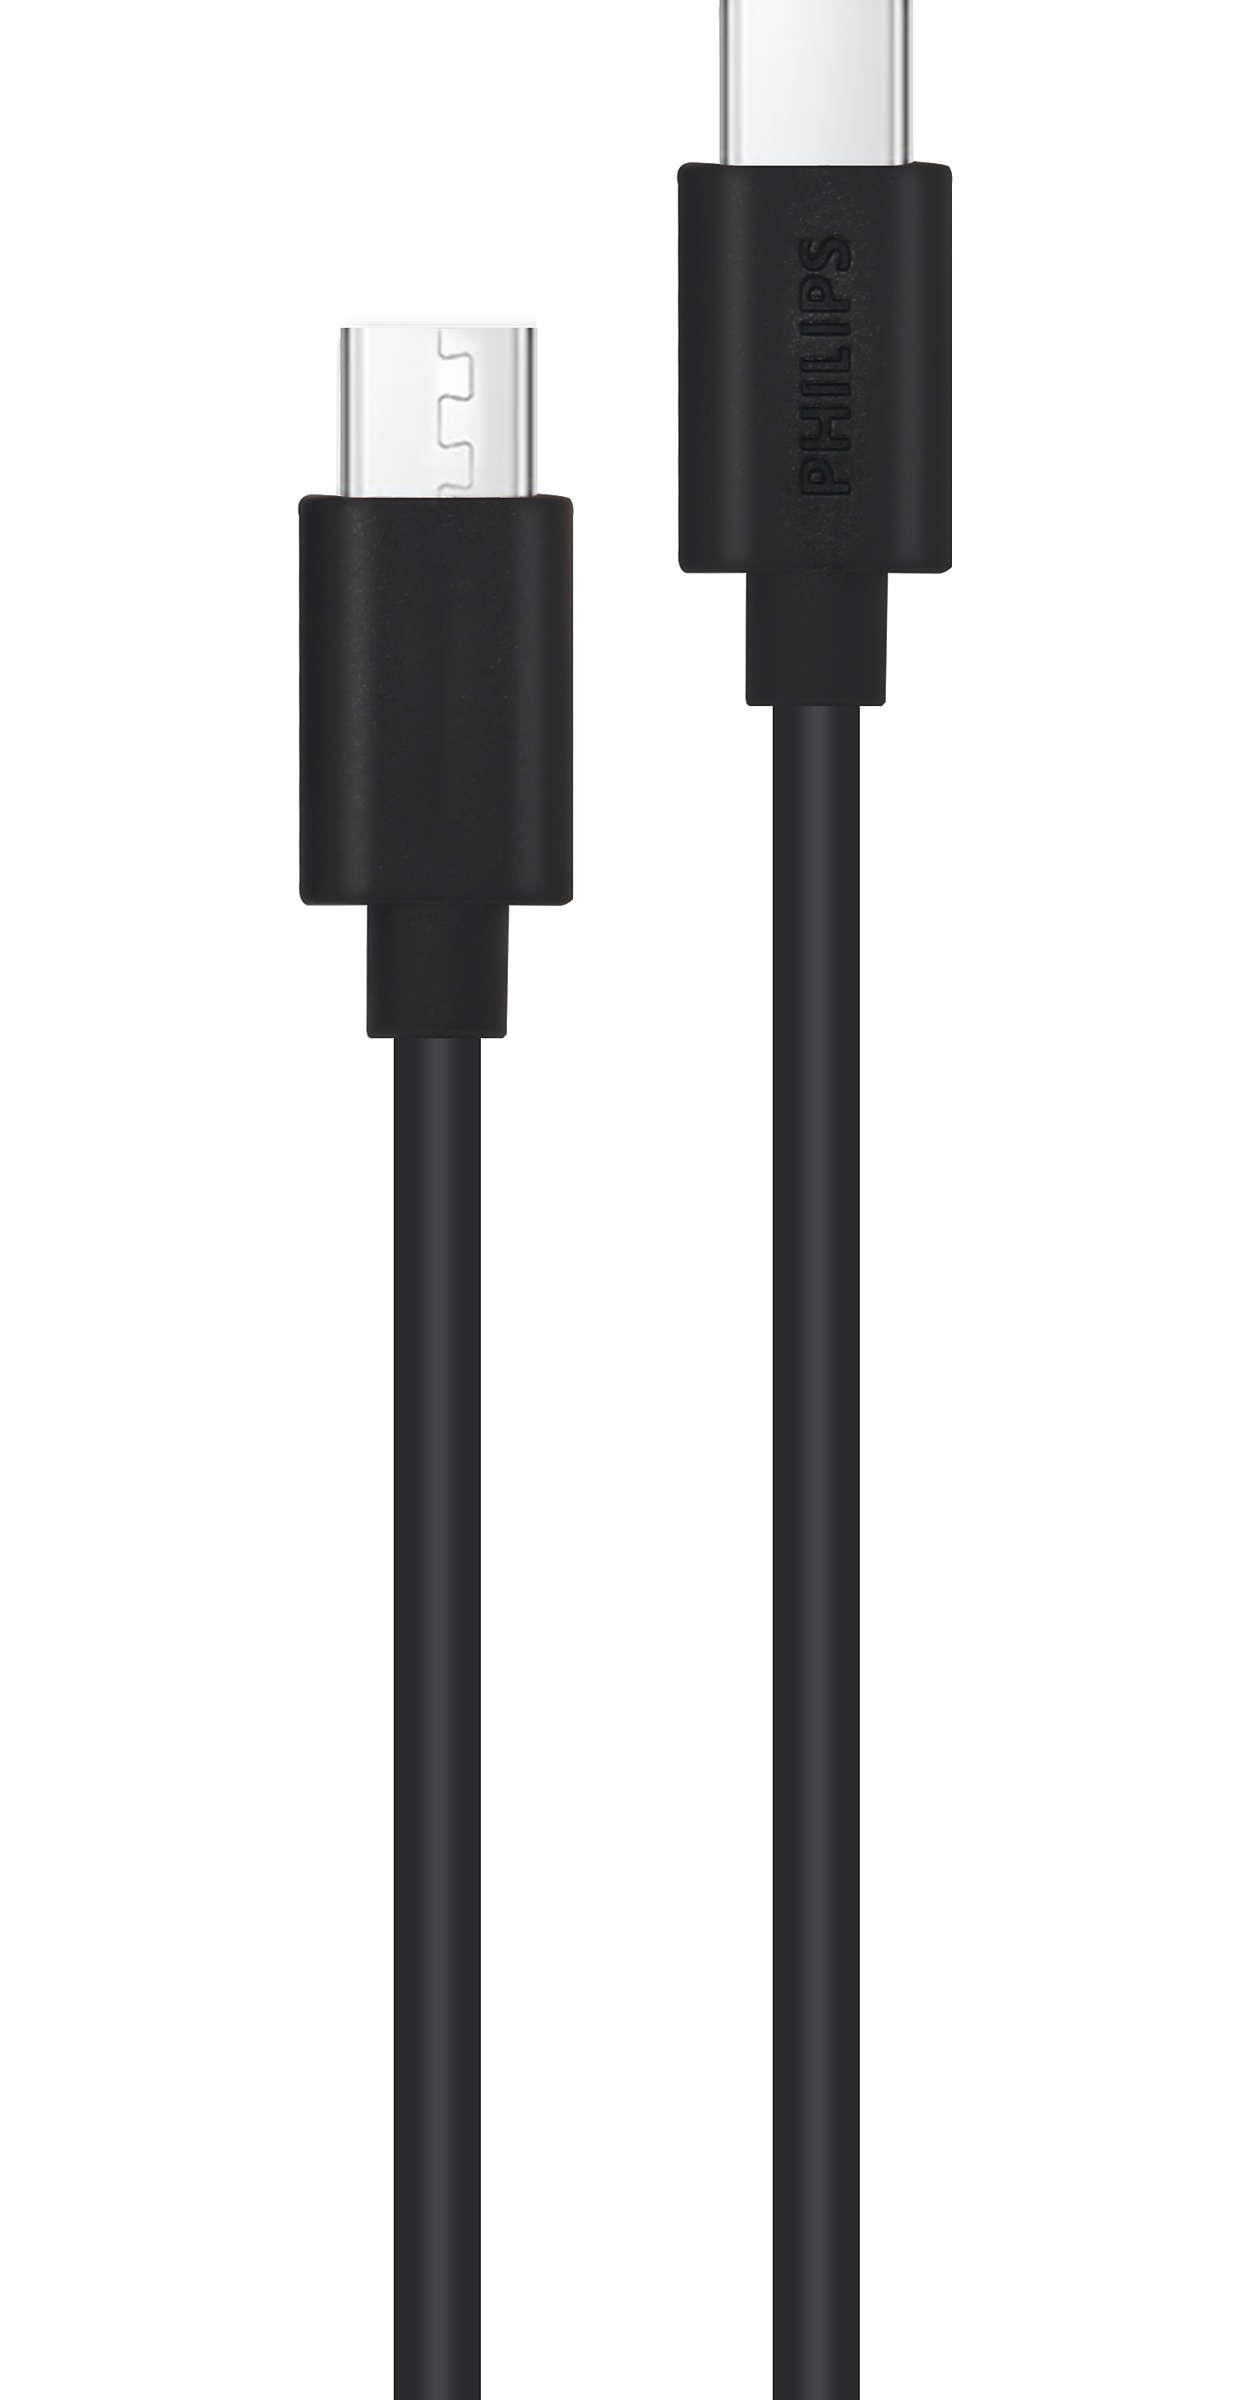 USB-C-naar-USB-C-kabel van 2 m